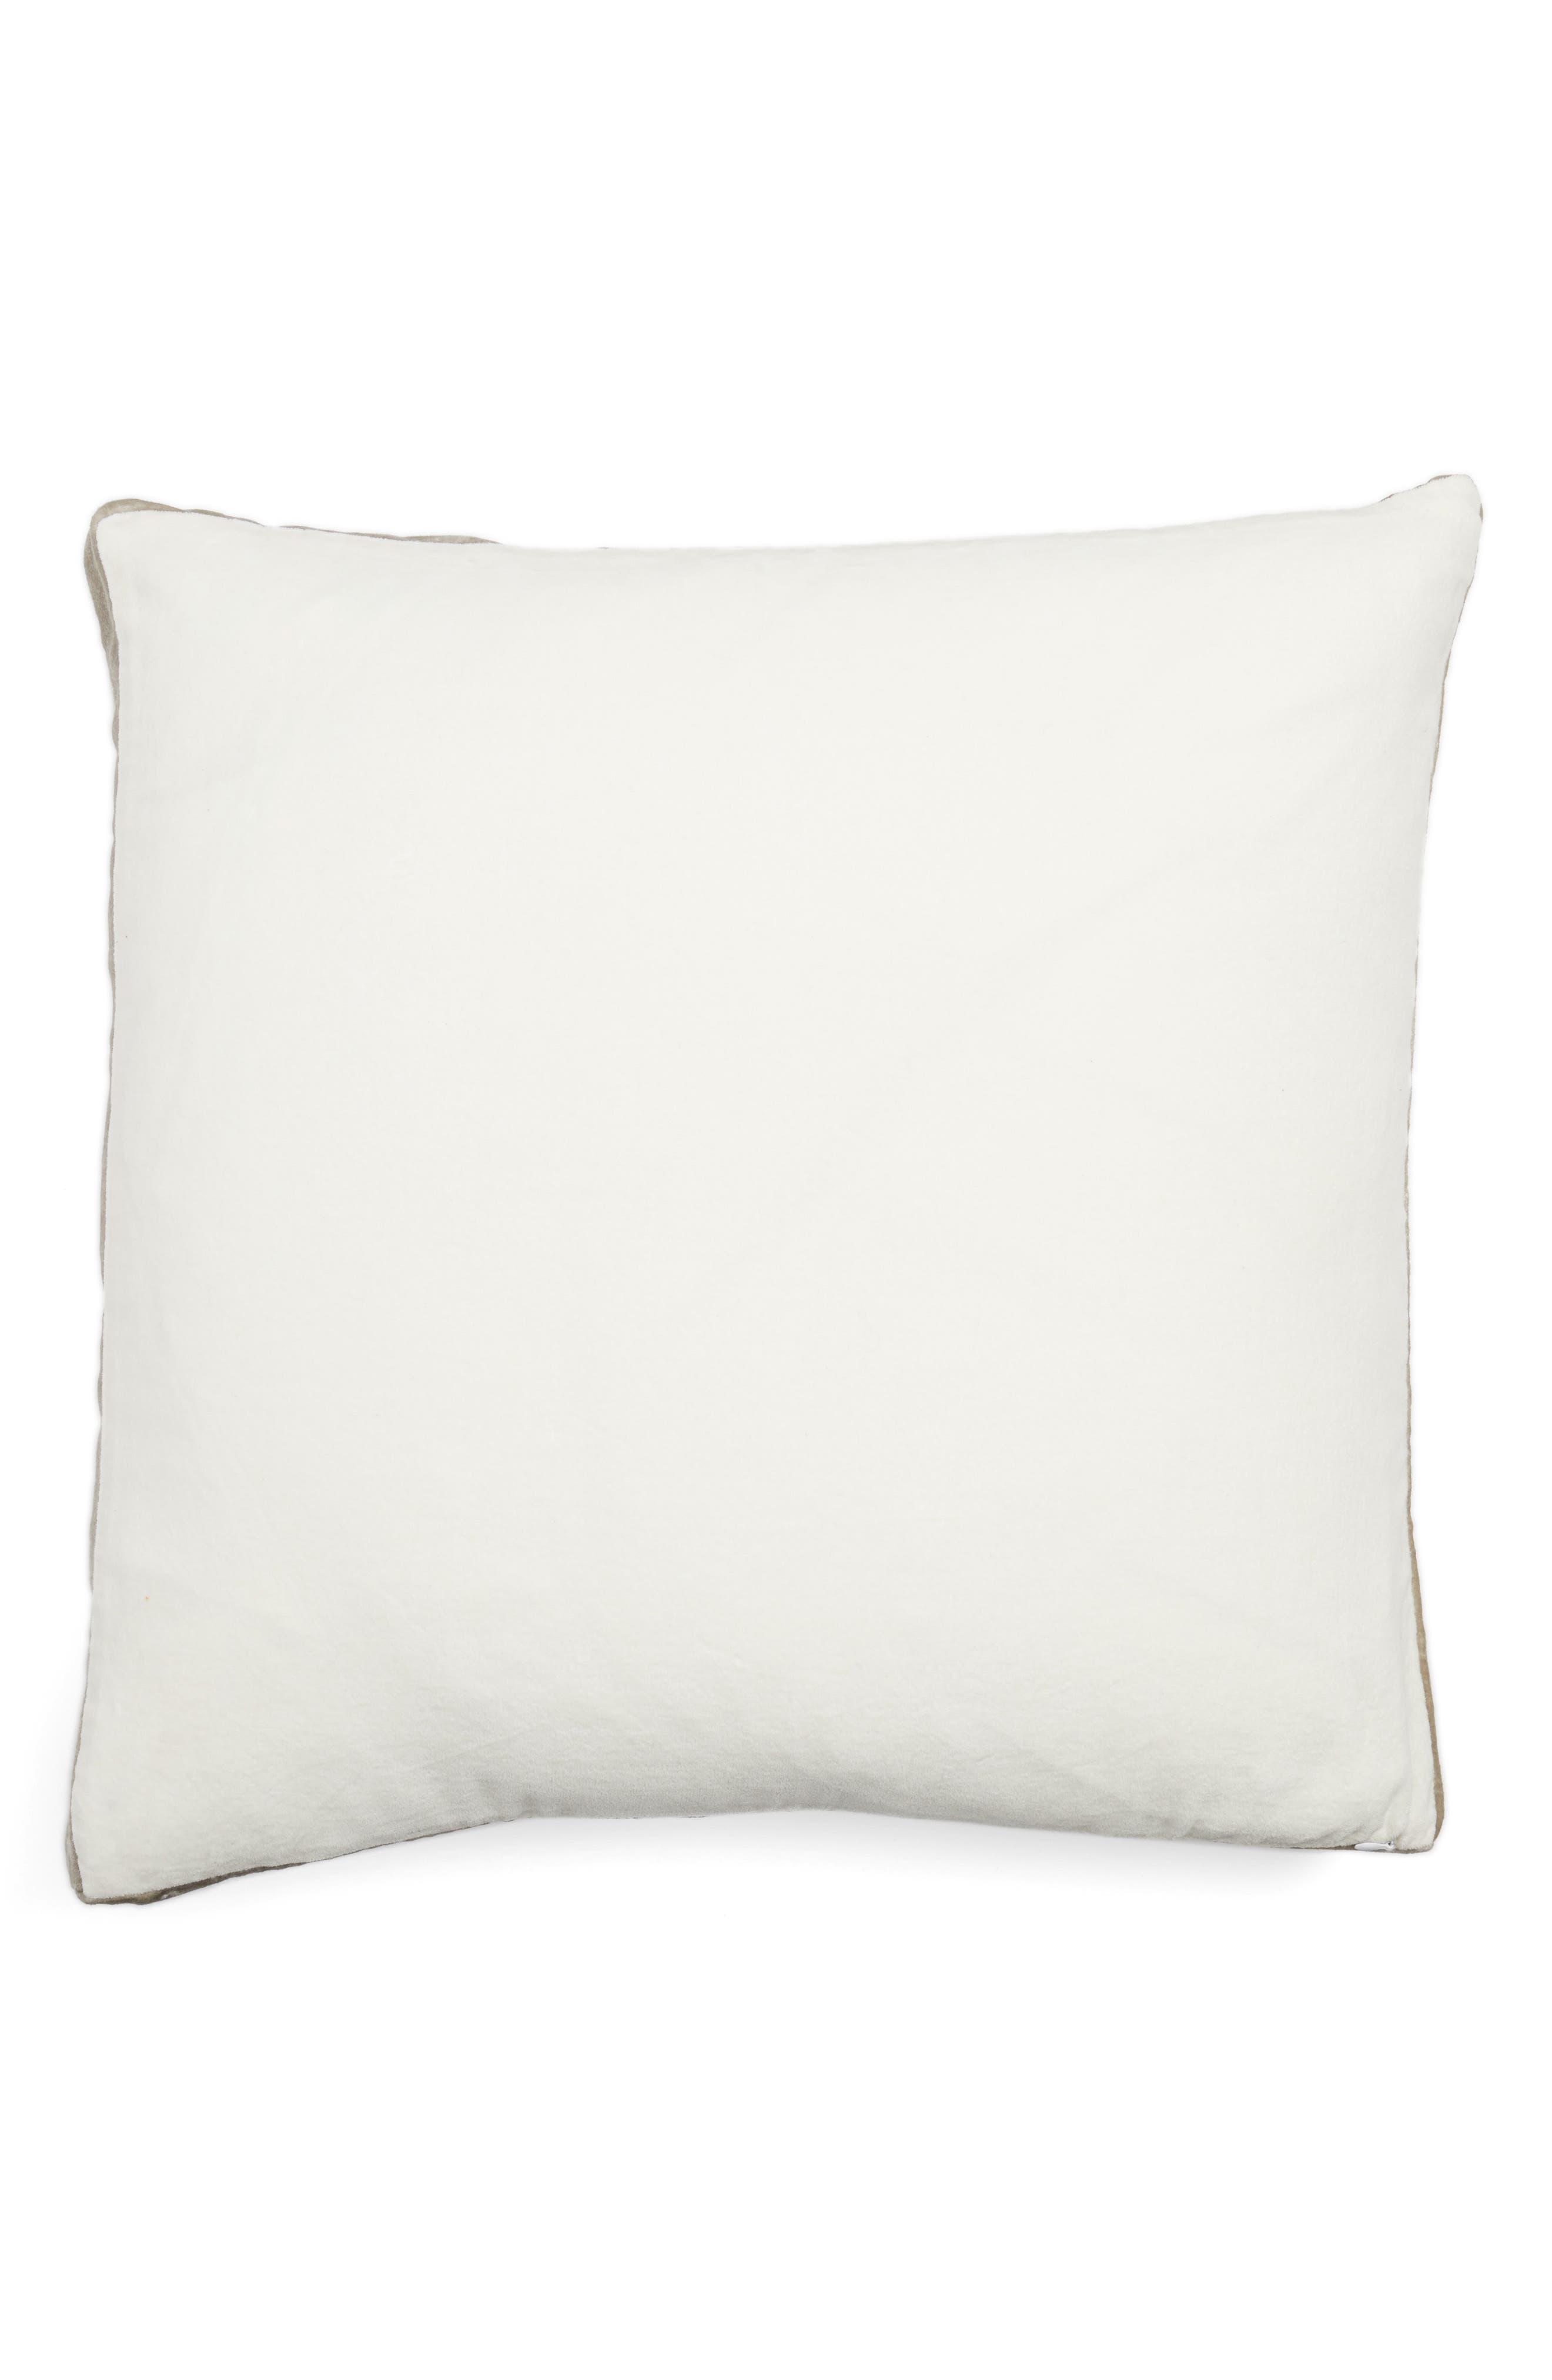 Nordstrom at Home Velvet Accent Pillow